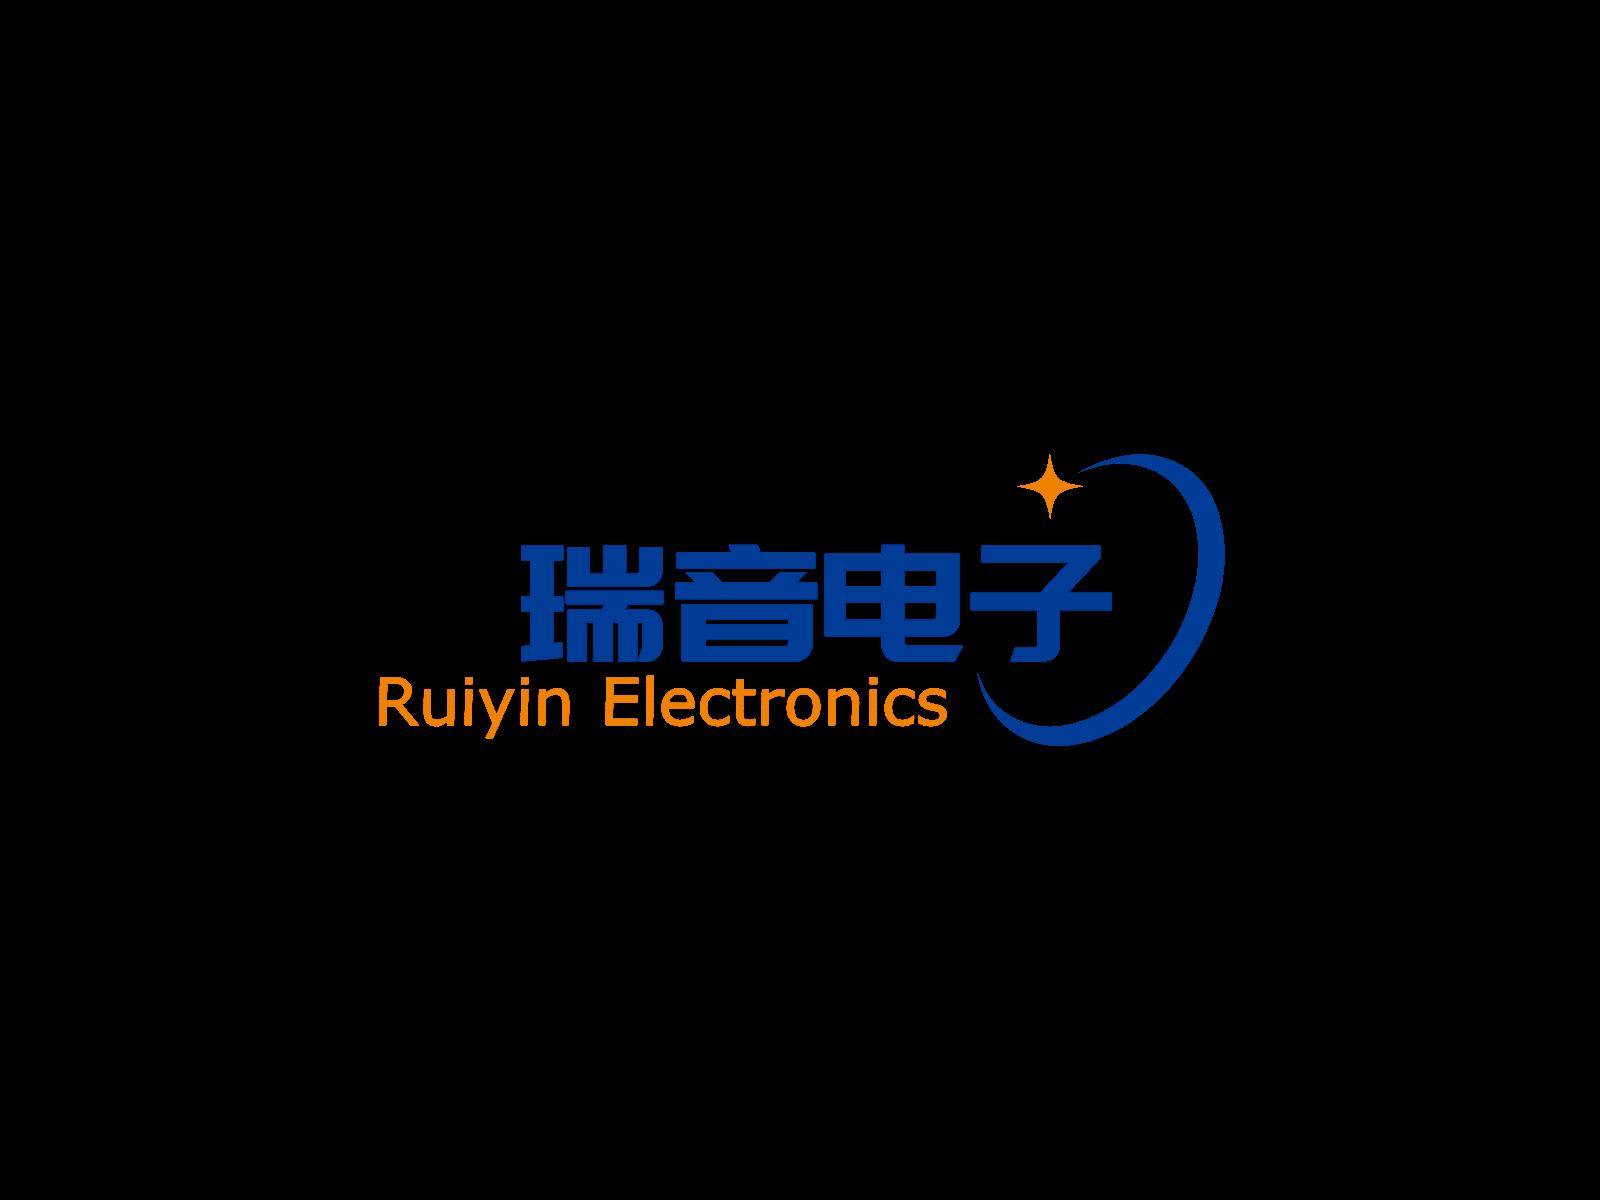 长沙市瑞音电子科技有限公司